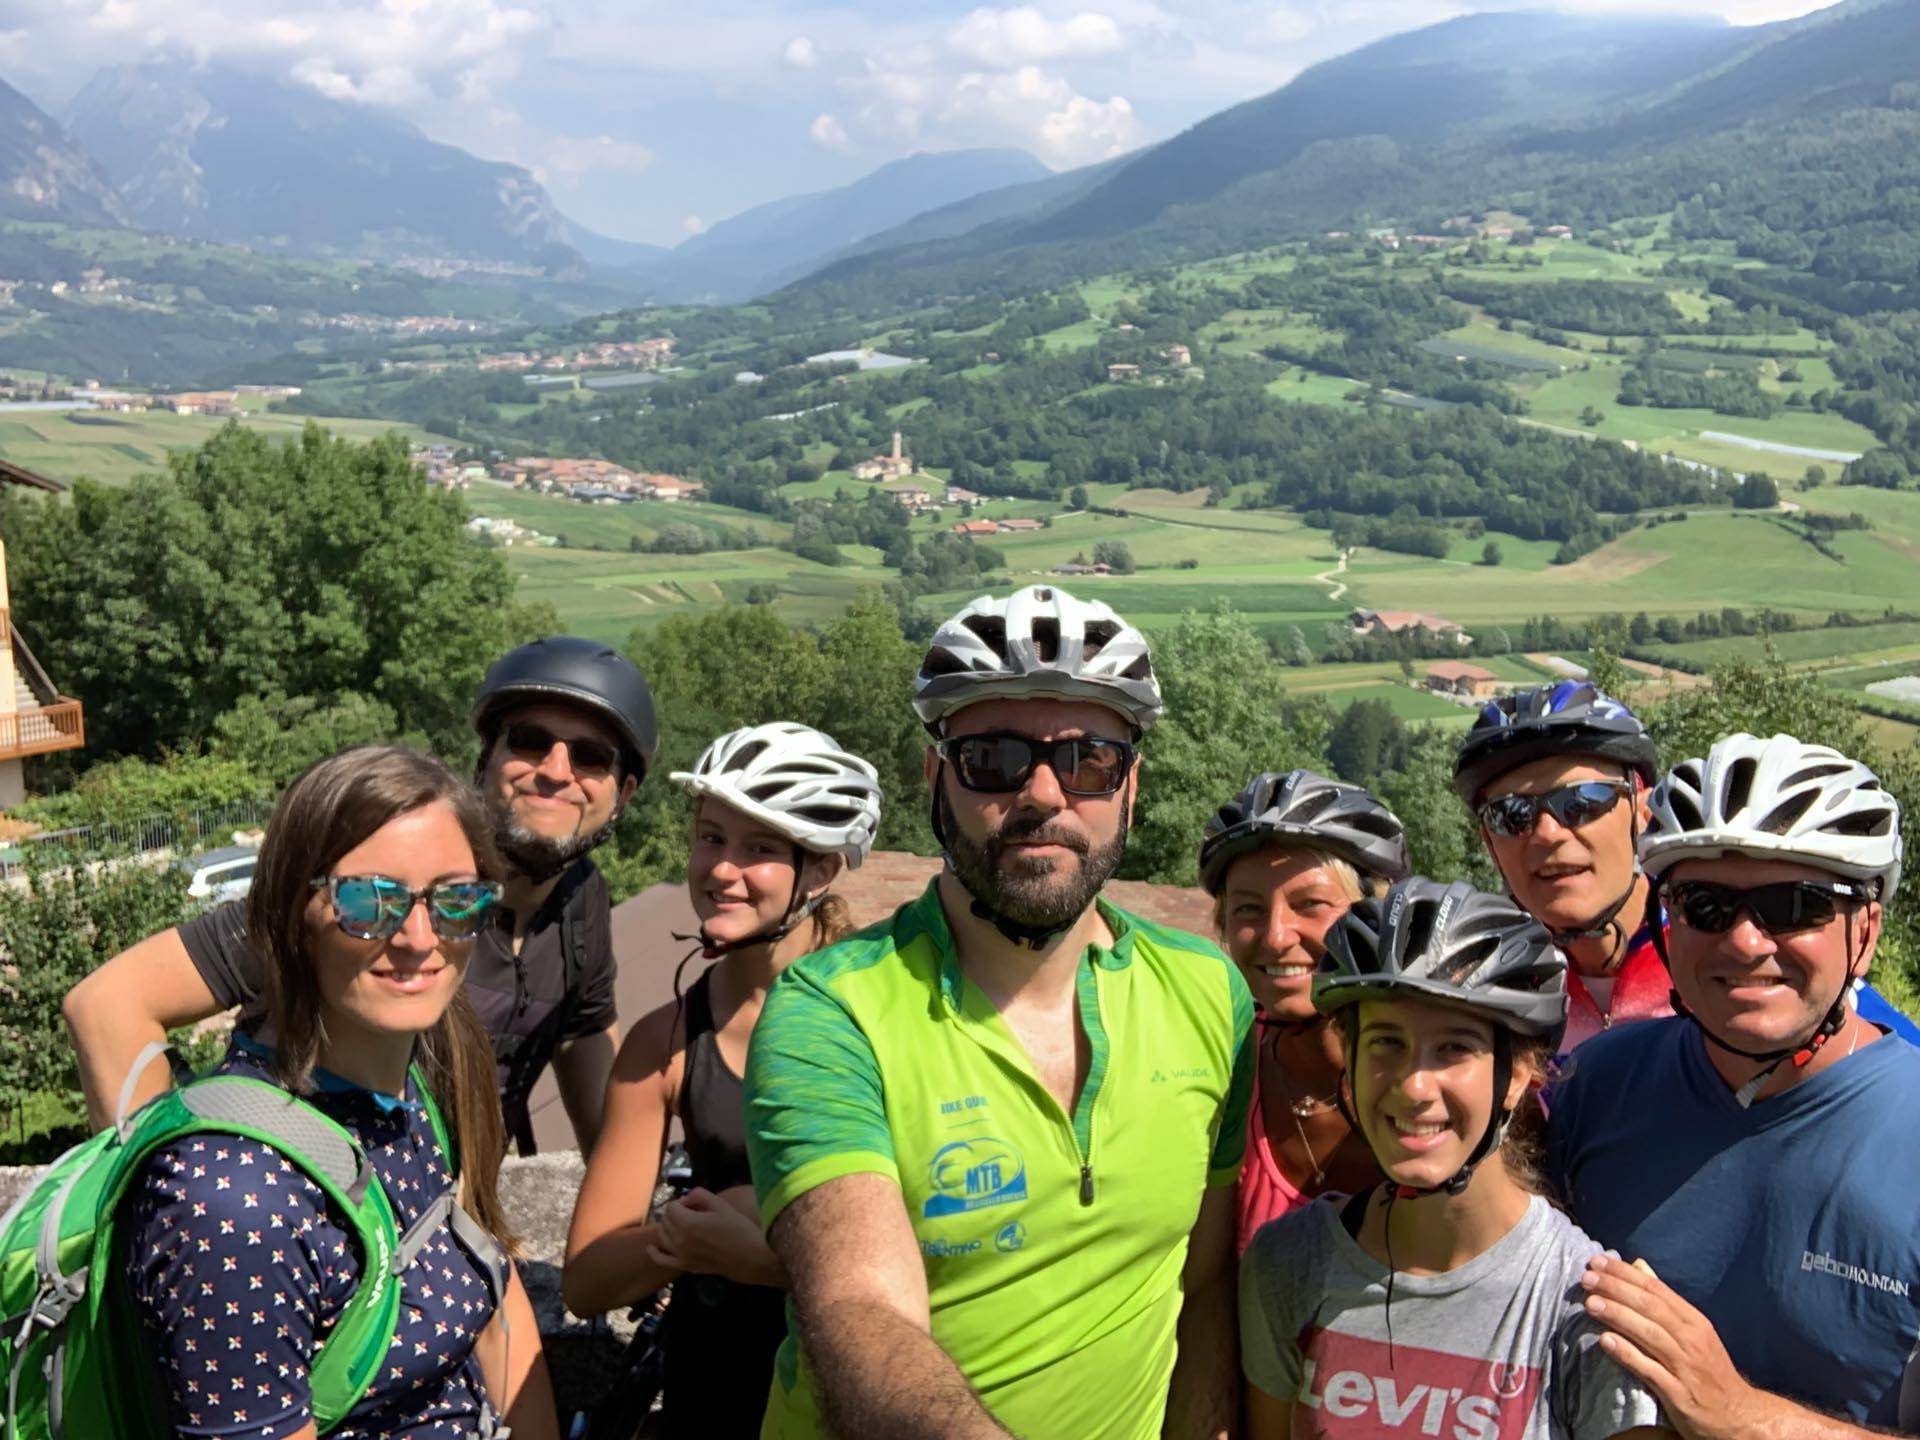 Comano Dolomiti bicicletta Davide Aldrighetti bike guide & passion road bike mtb gravel emtb ebike